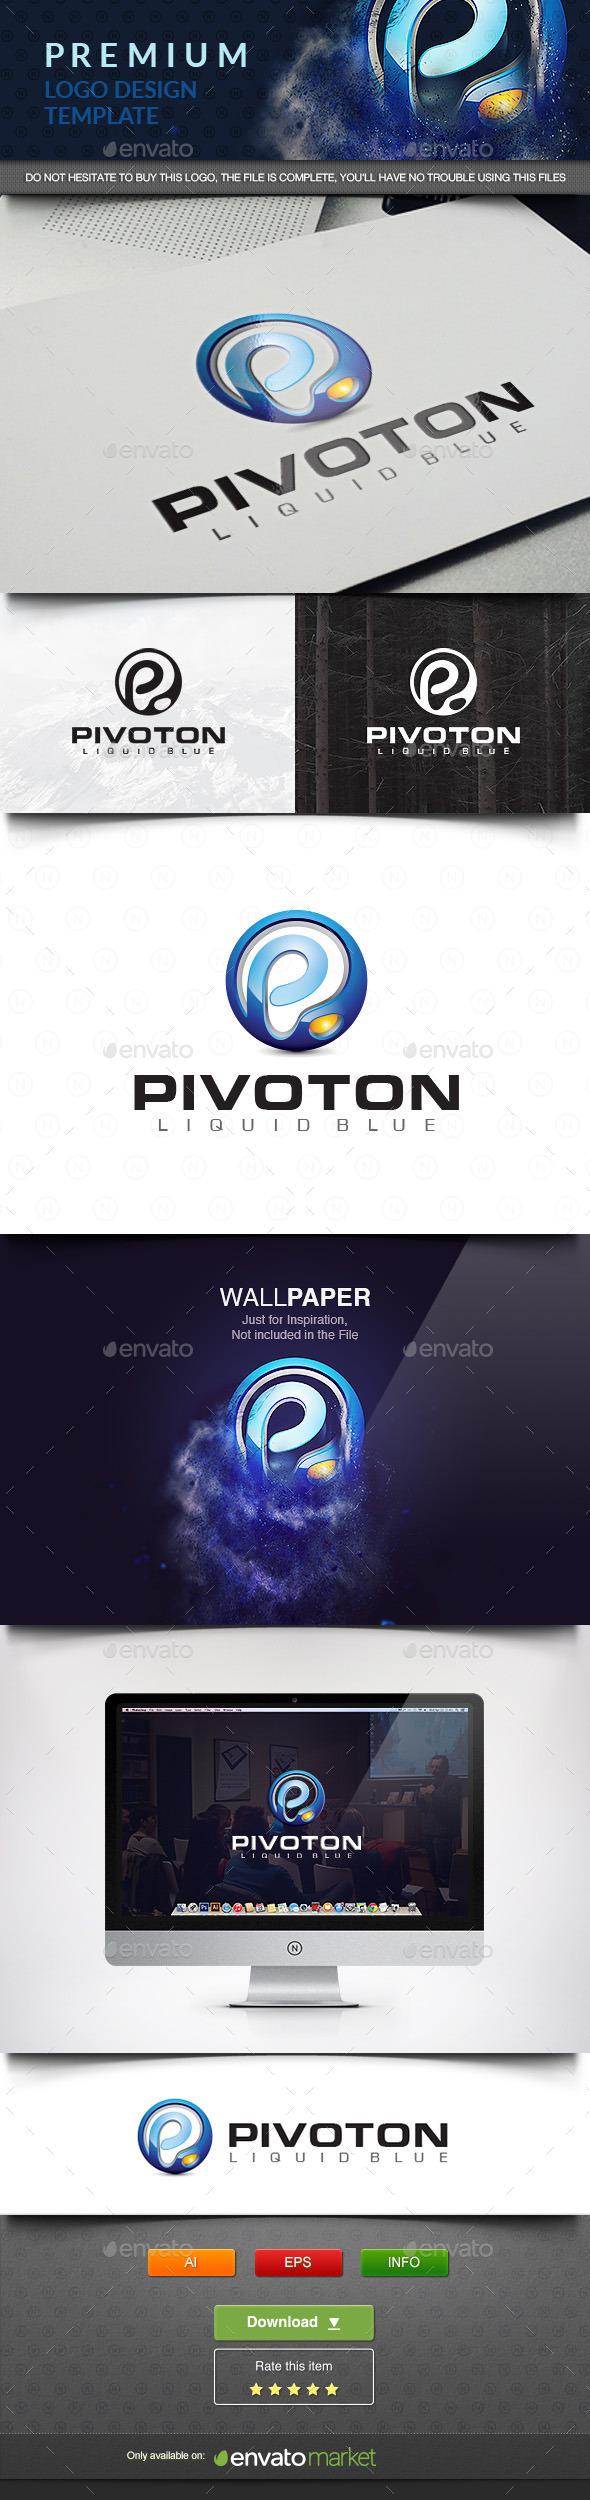 Pivoton Logo - 3d Abstract